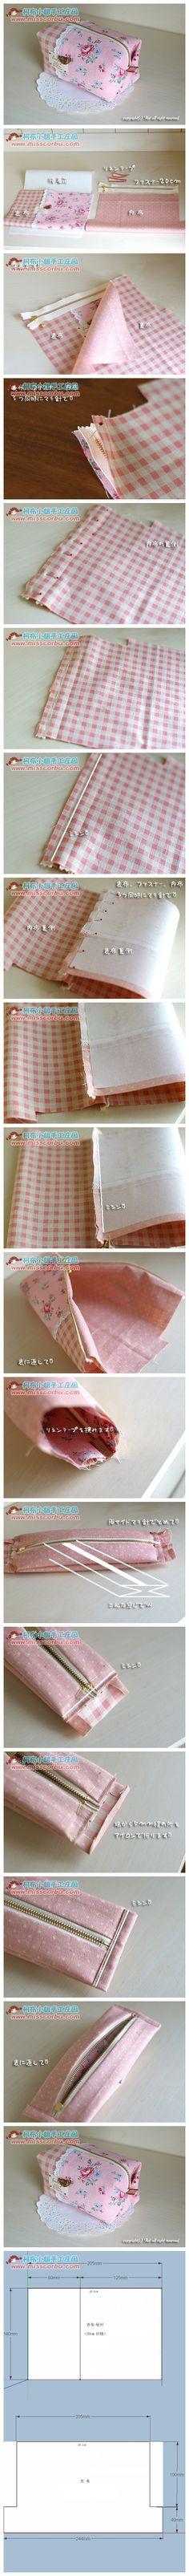 韩国达人化妆包教程+纸型…_来自dolphin_blue的图片分享-堆糖网